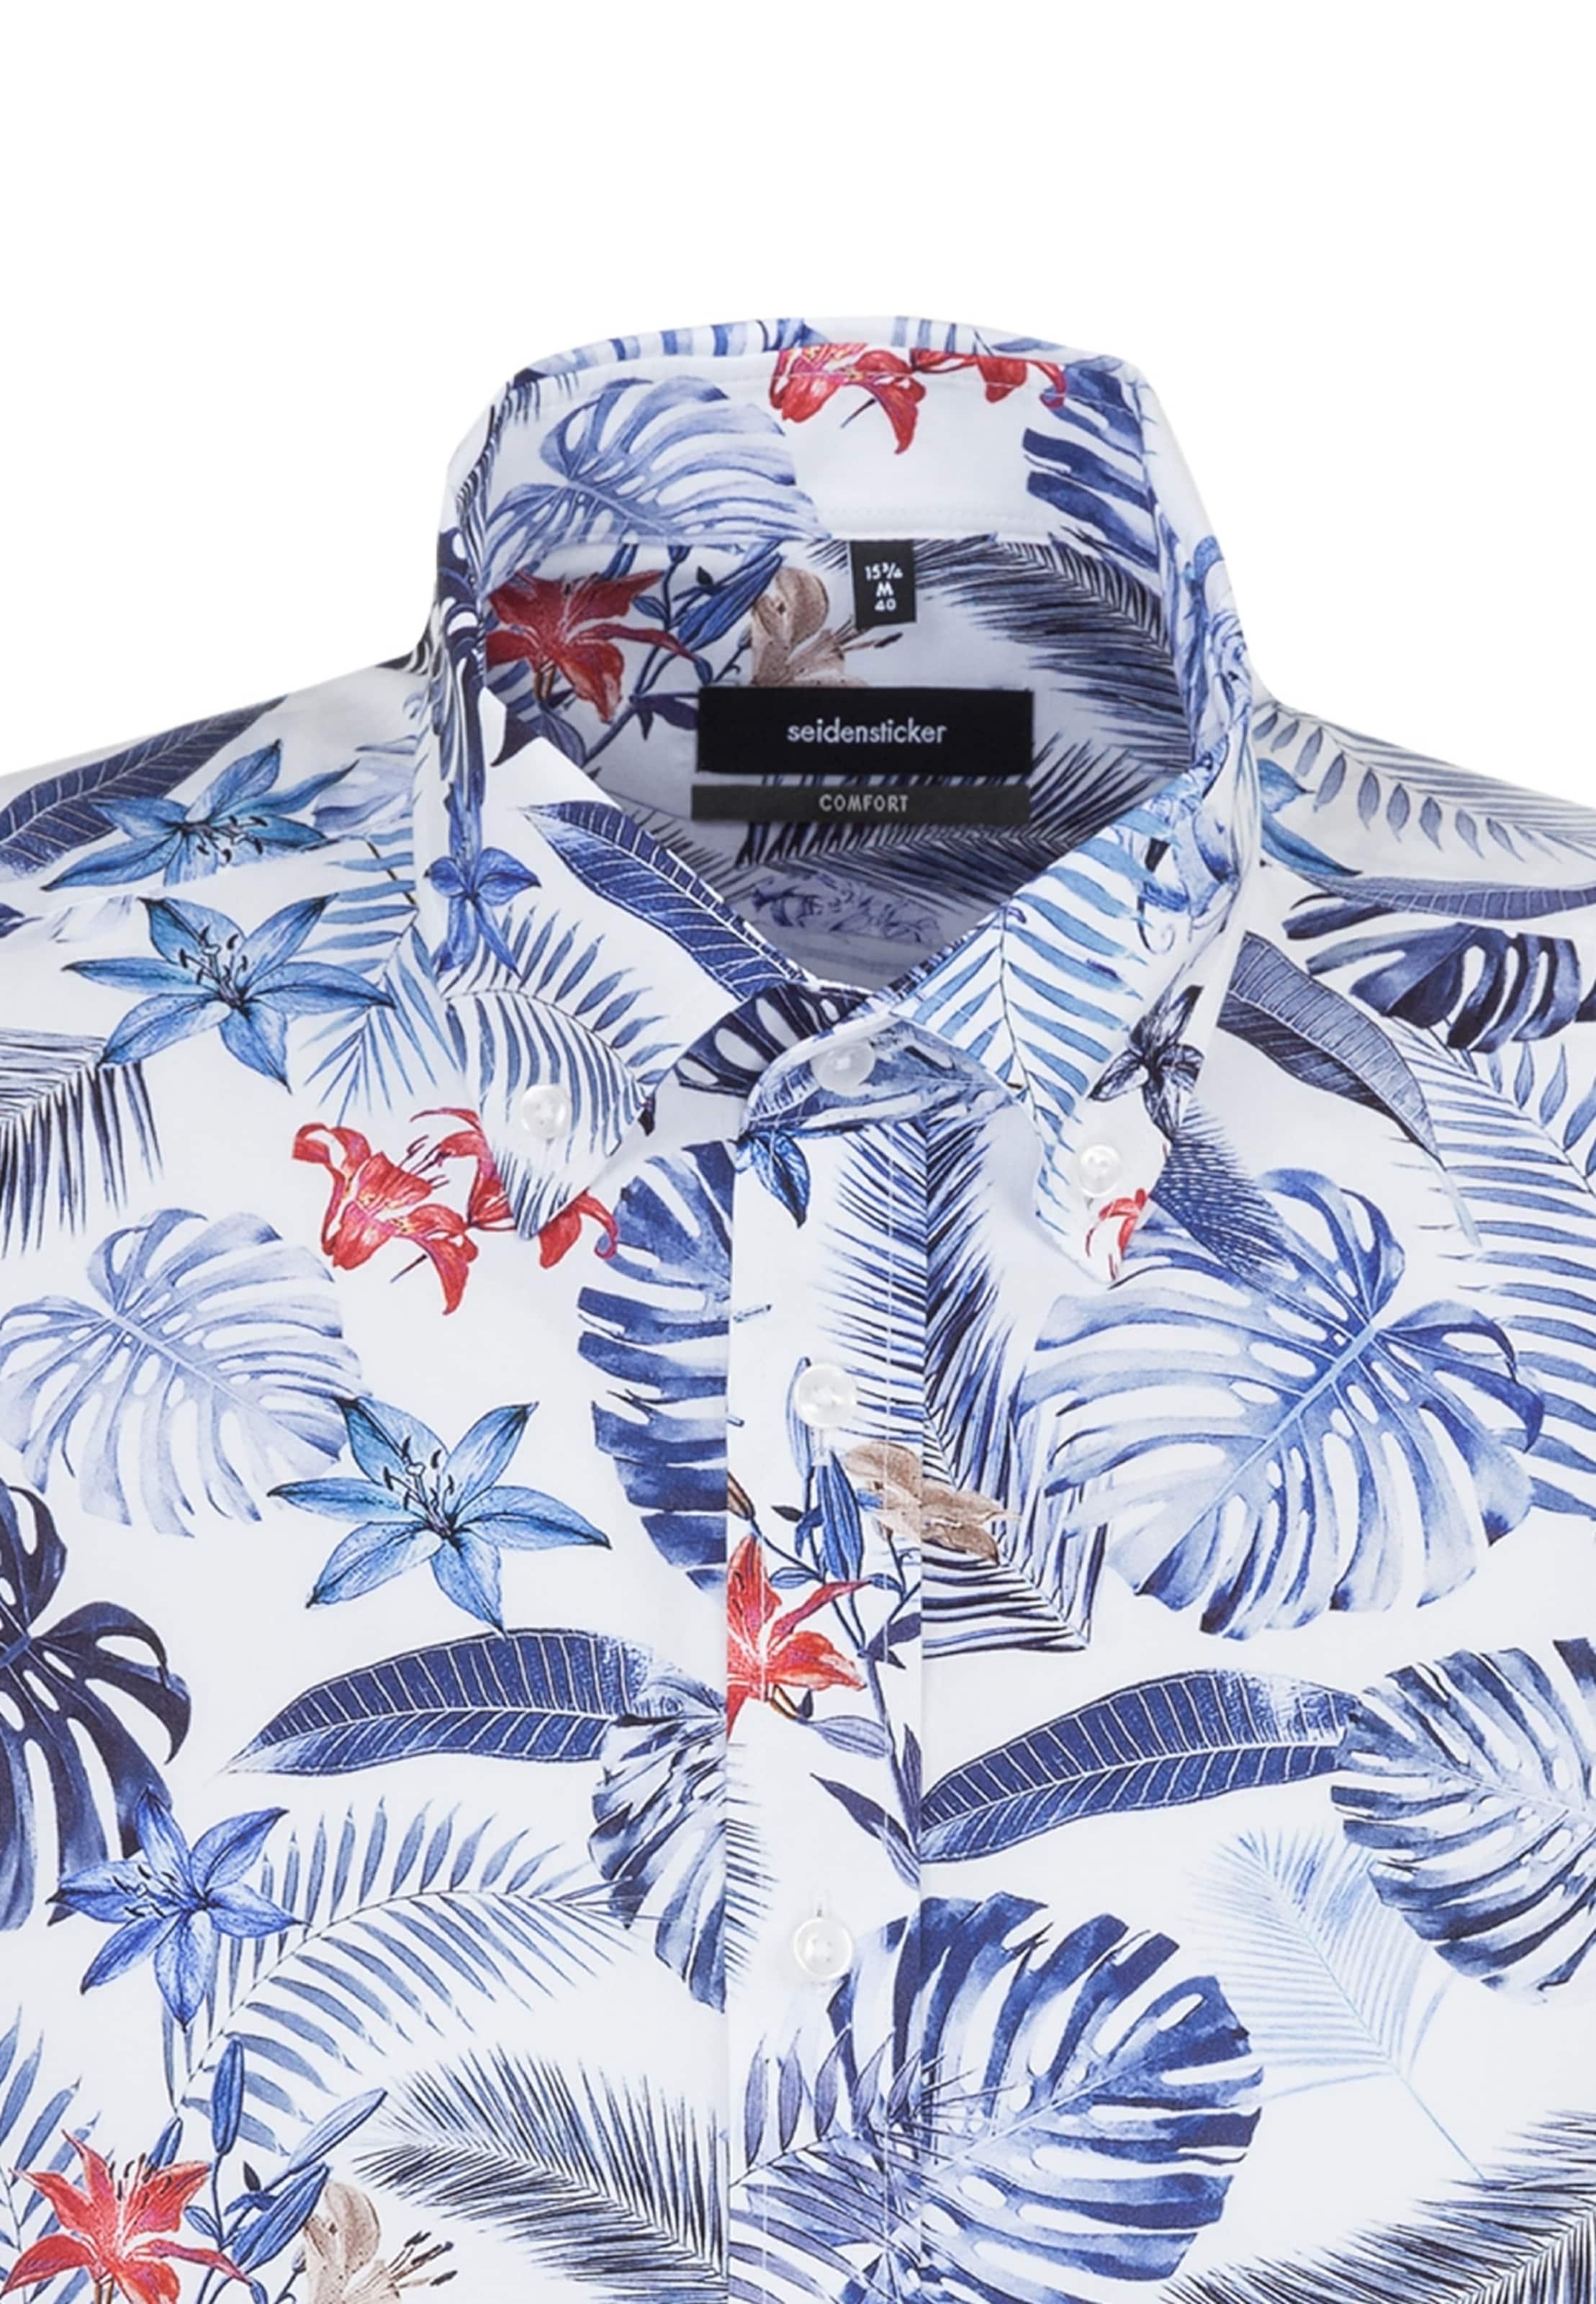 Comfort BlauWeiß Seidensticker Hemd ' In eWH29YDIE